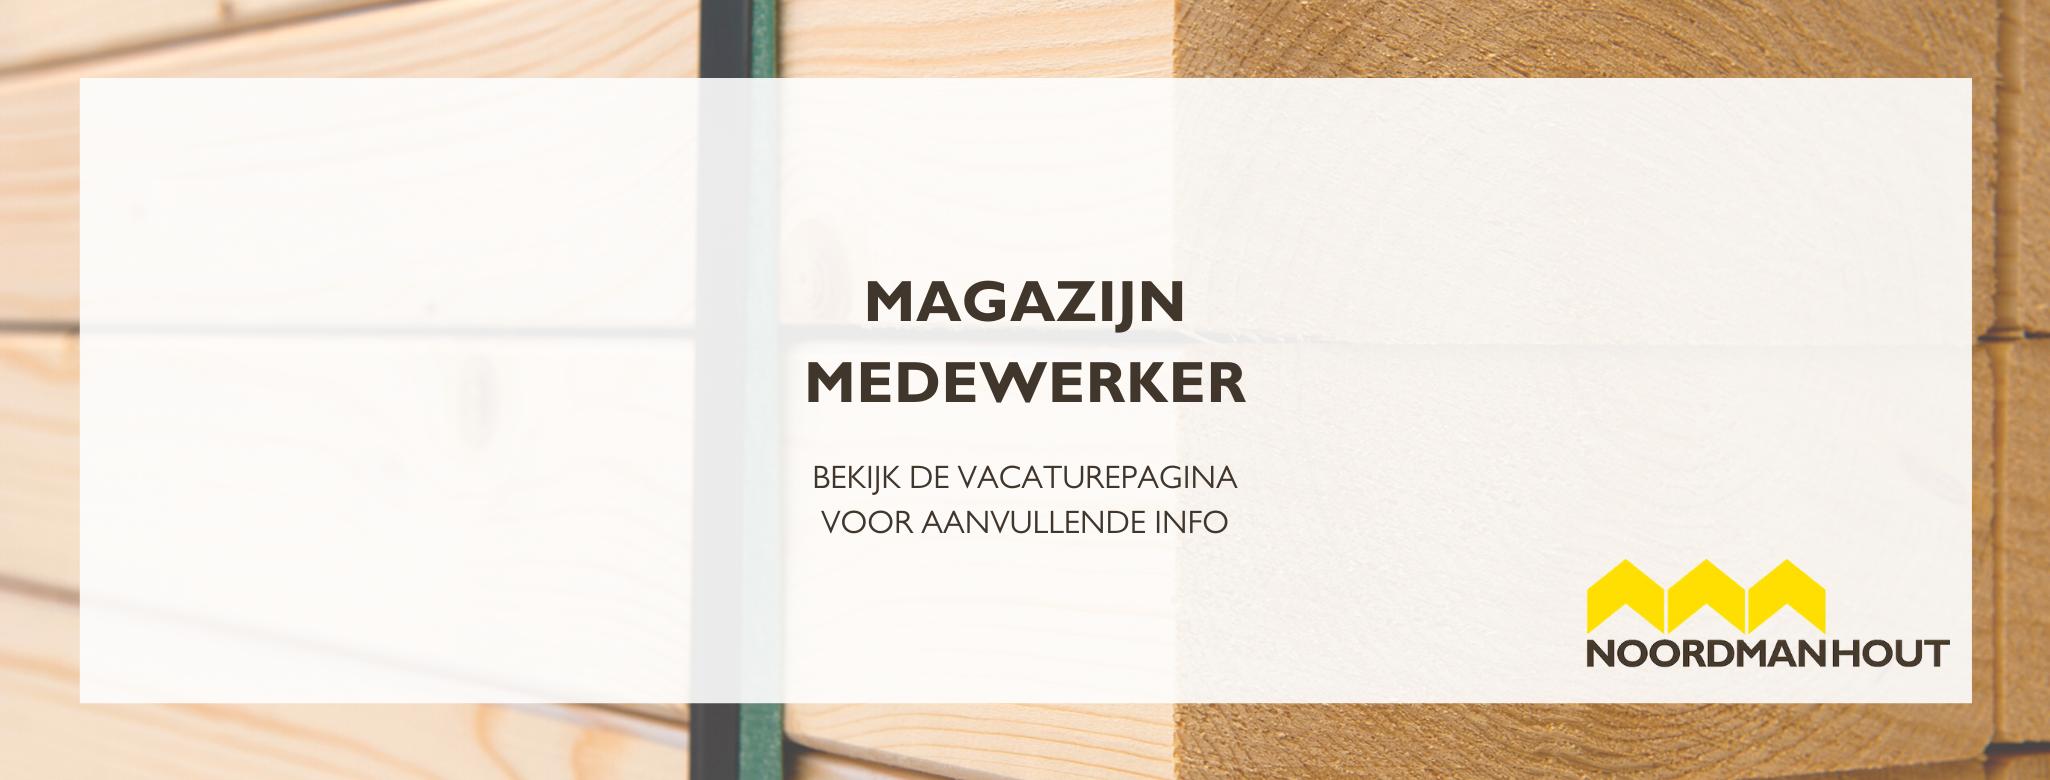 vacature leiden noordman hout bouwmaterialen magazijn medewerker orderpicker